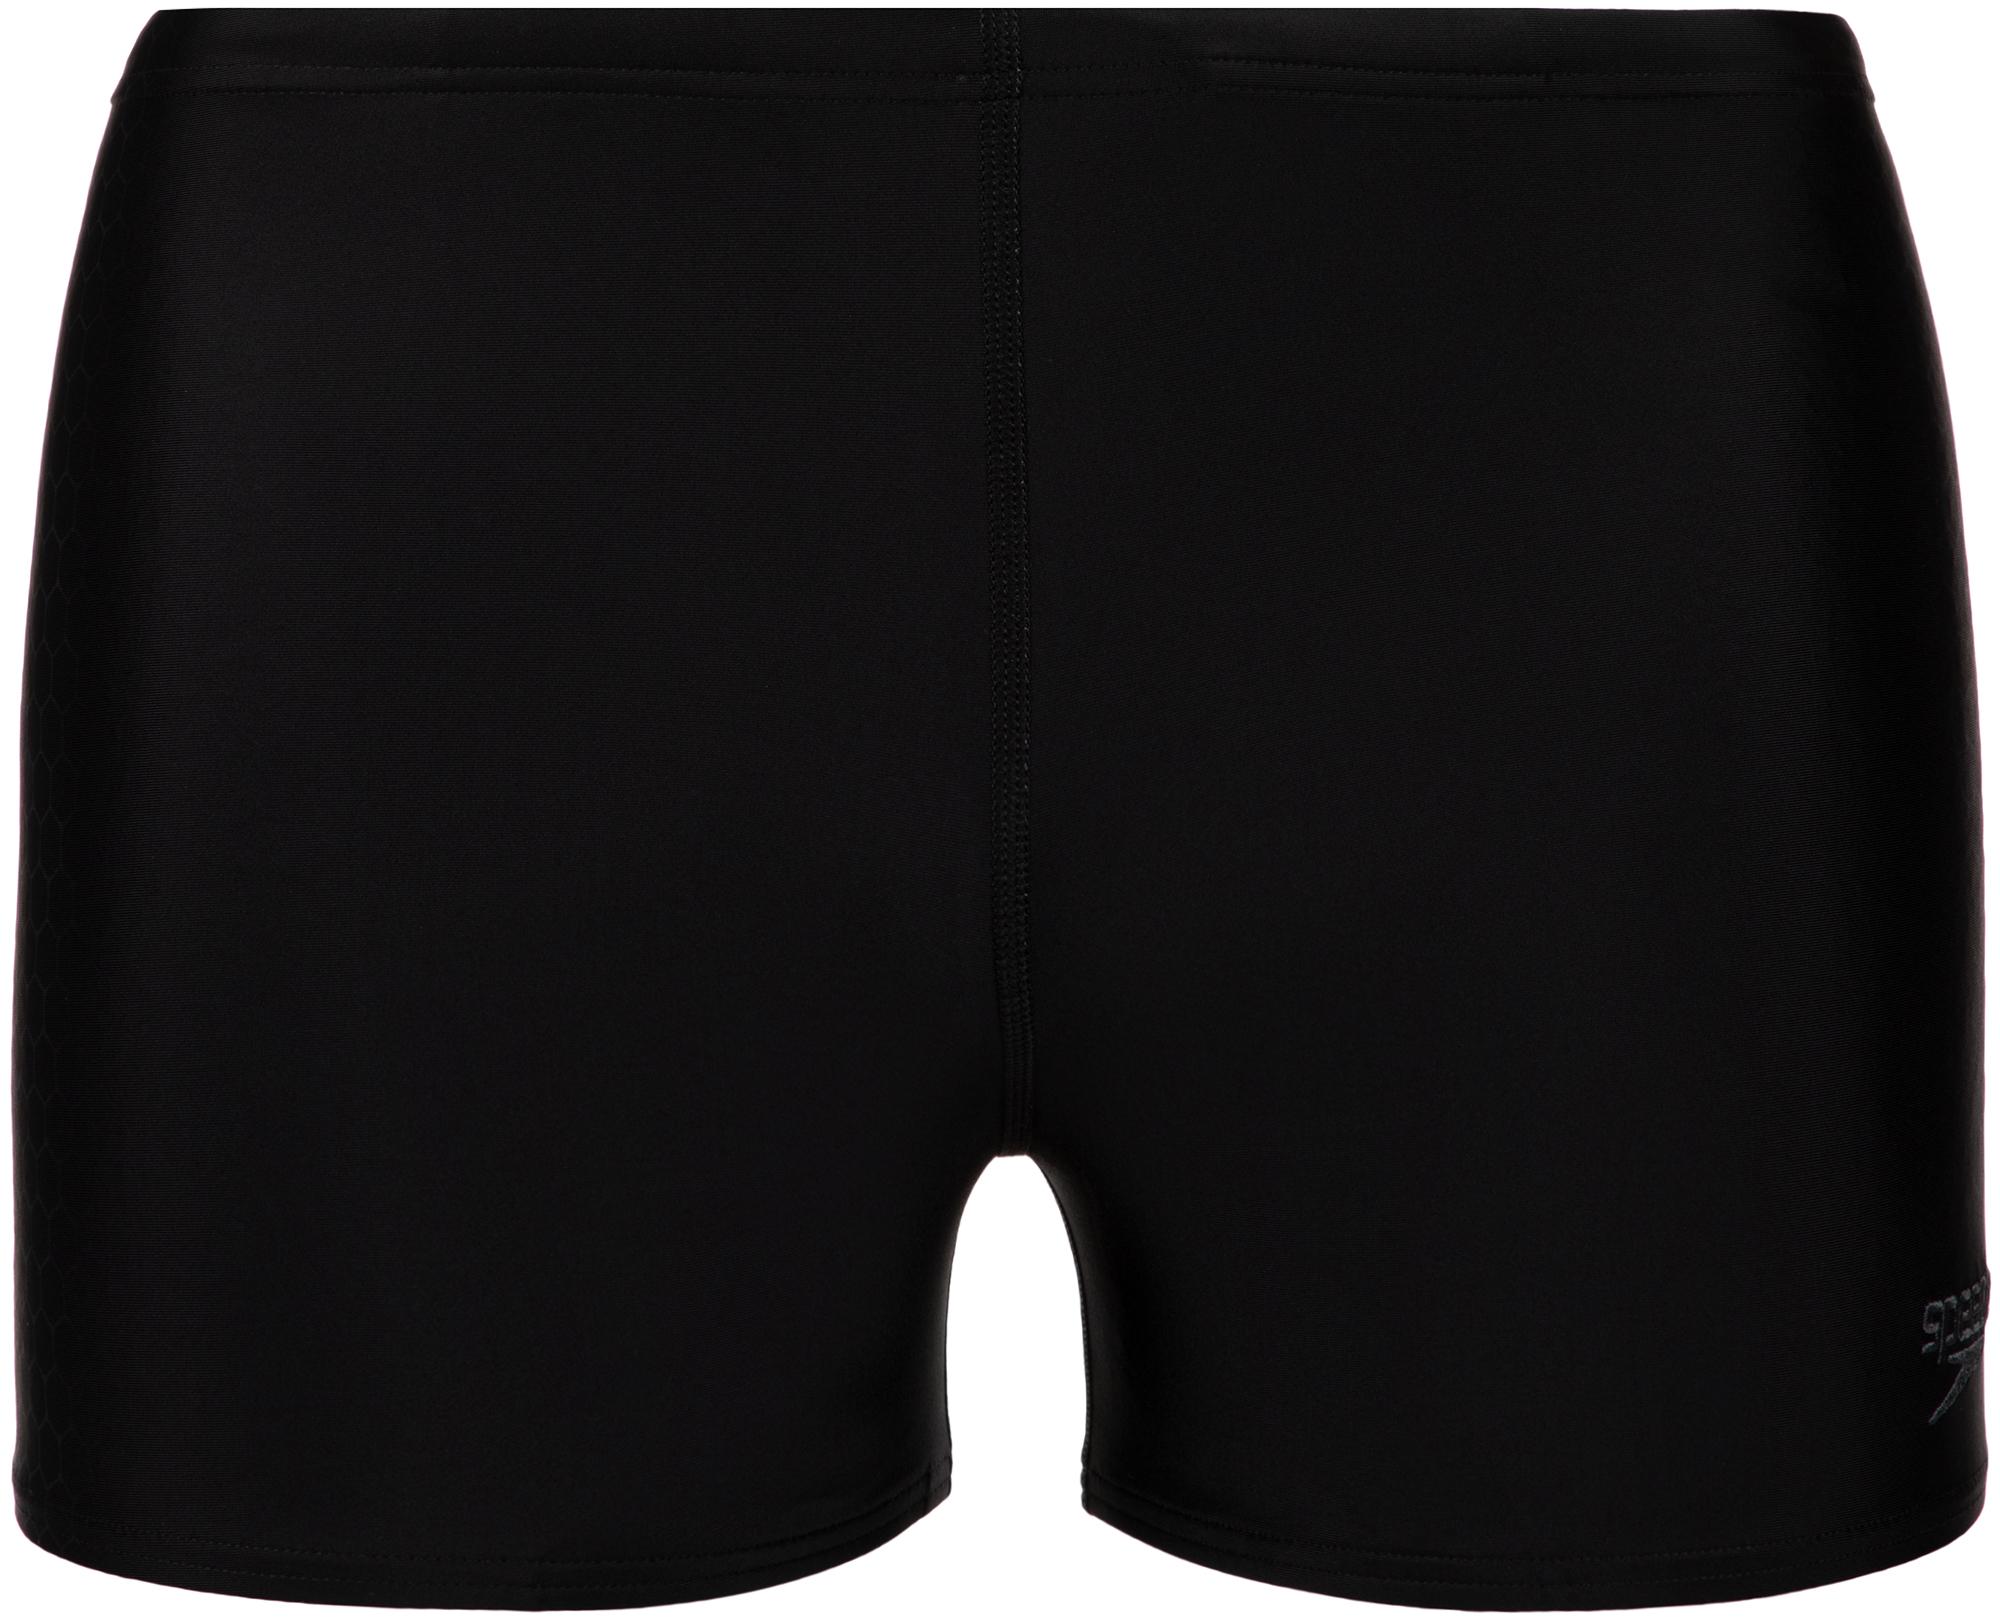 Speedo Плавки-шорты мужские Speedo, размер 50-52 speedo плавки шорты мужские speedo tech logo размер 48 50